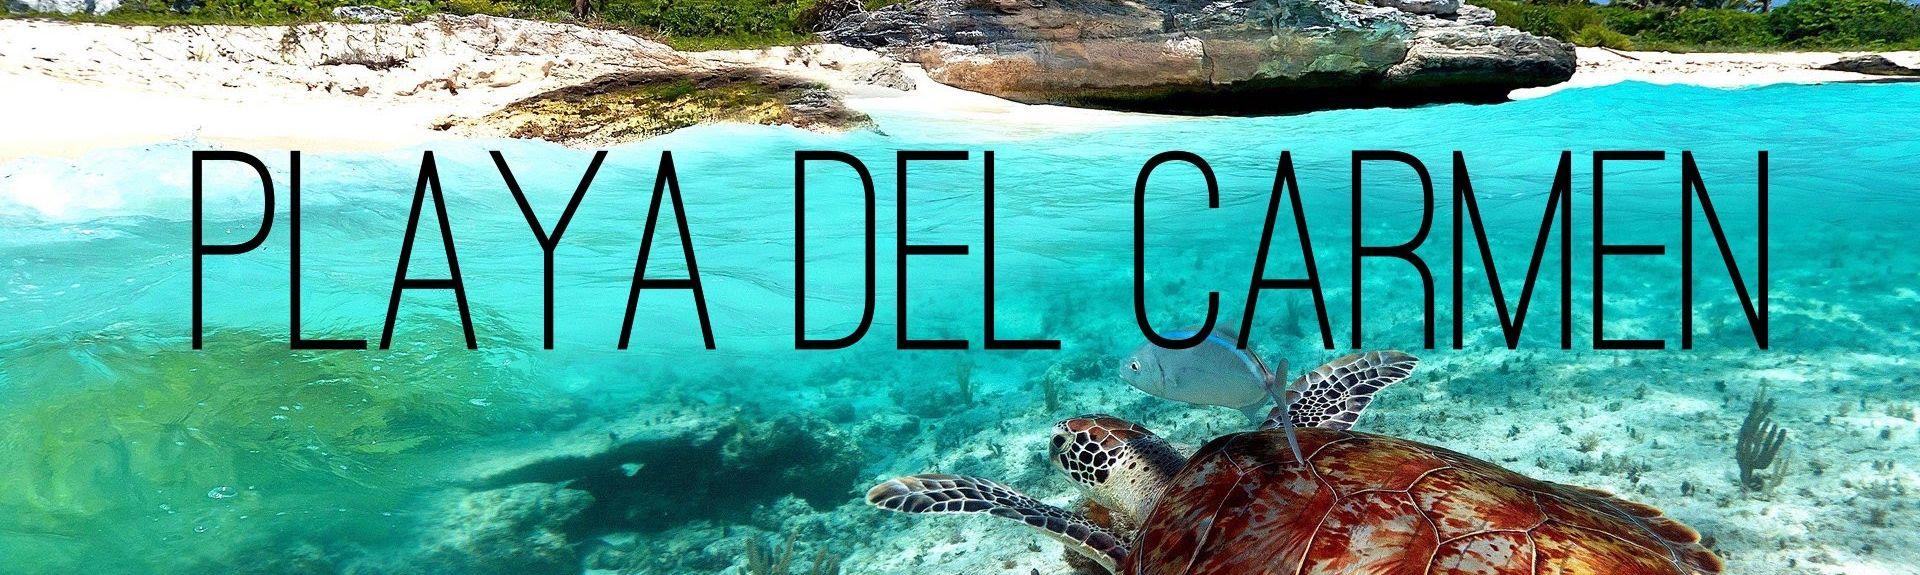 Ejidal, Playa del Carmen, Q.R., Mexico